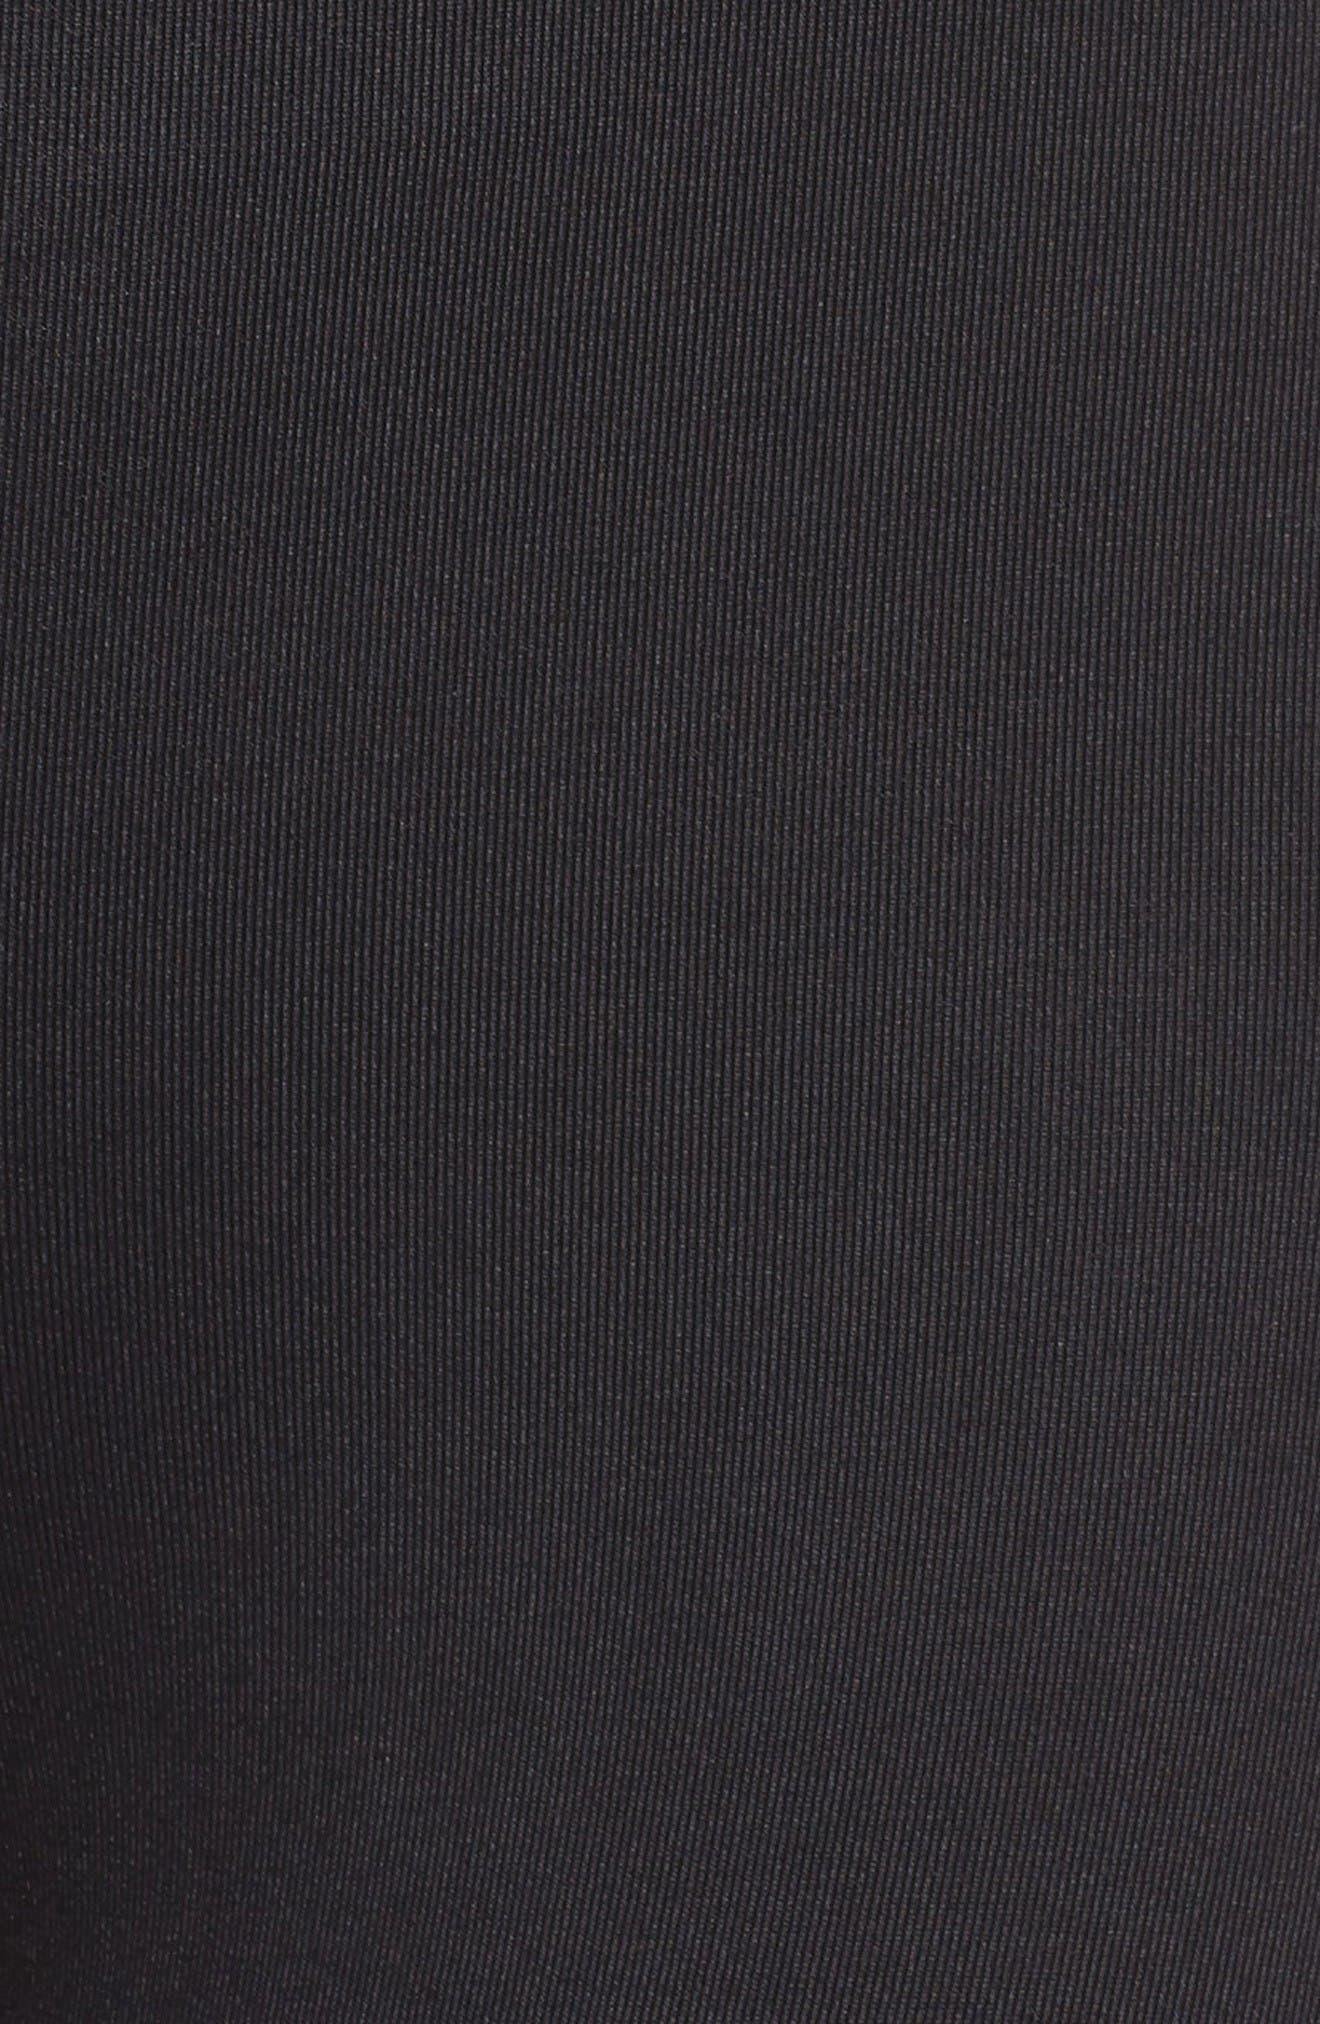 Curve Crop Leggings,                             Alternate thumbnail 5, color,                             Black Bisque